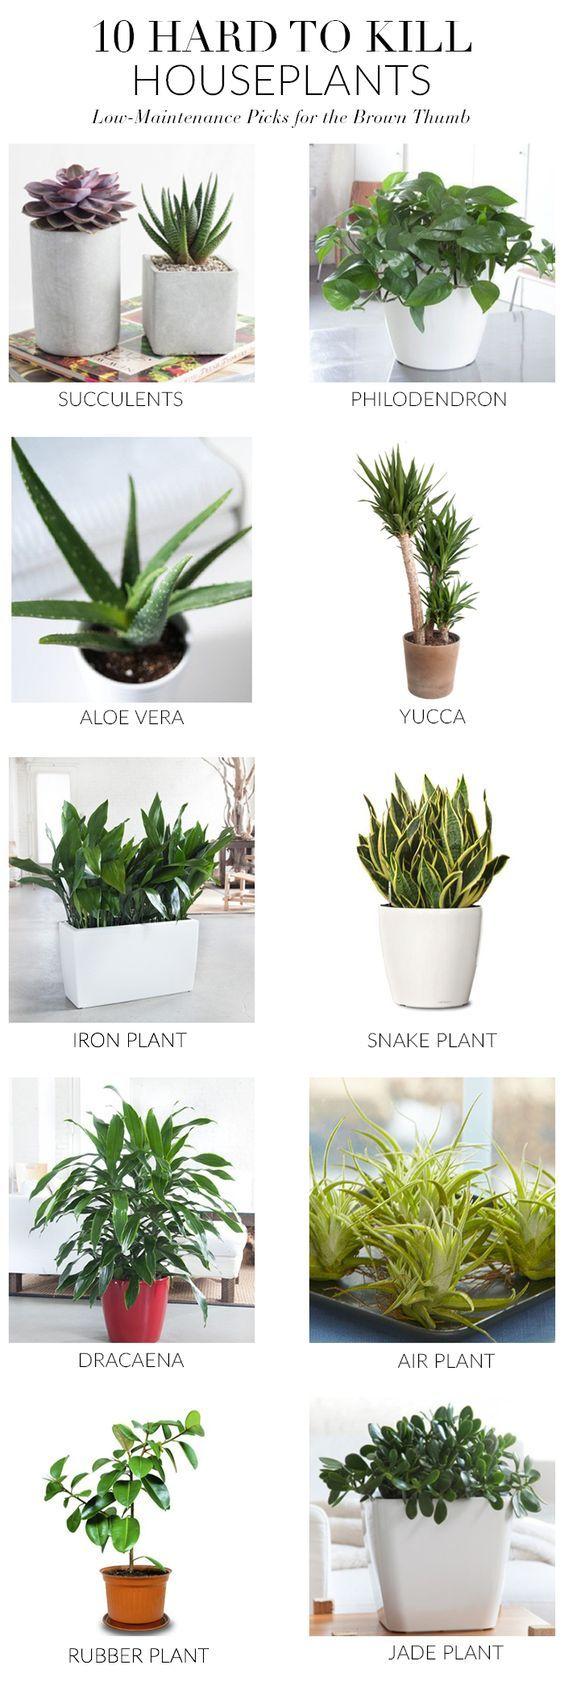 Plantas duras de matar!